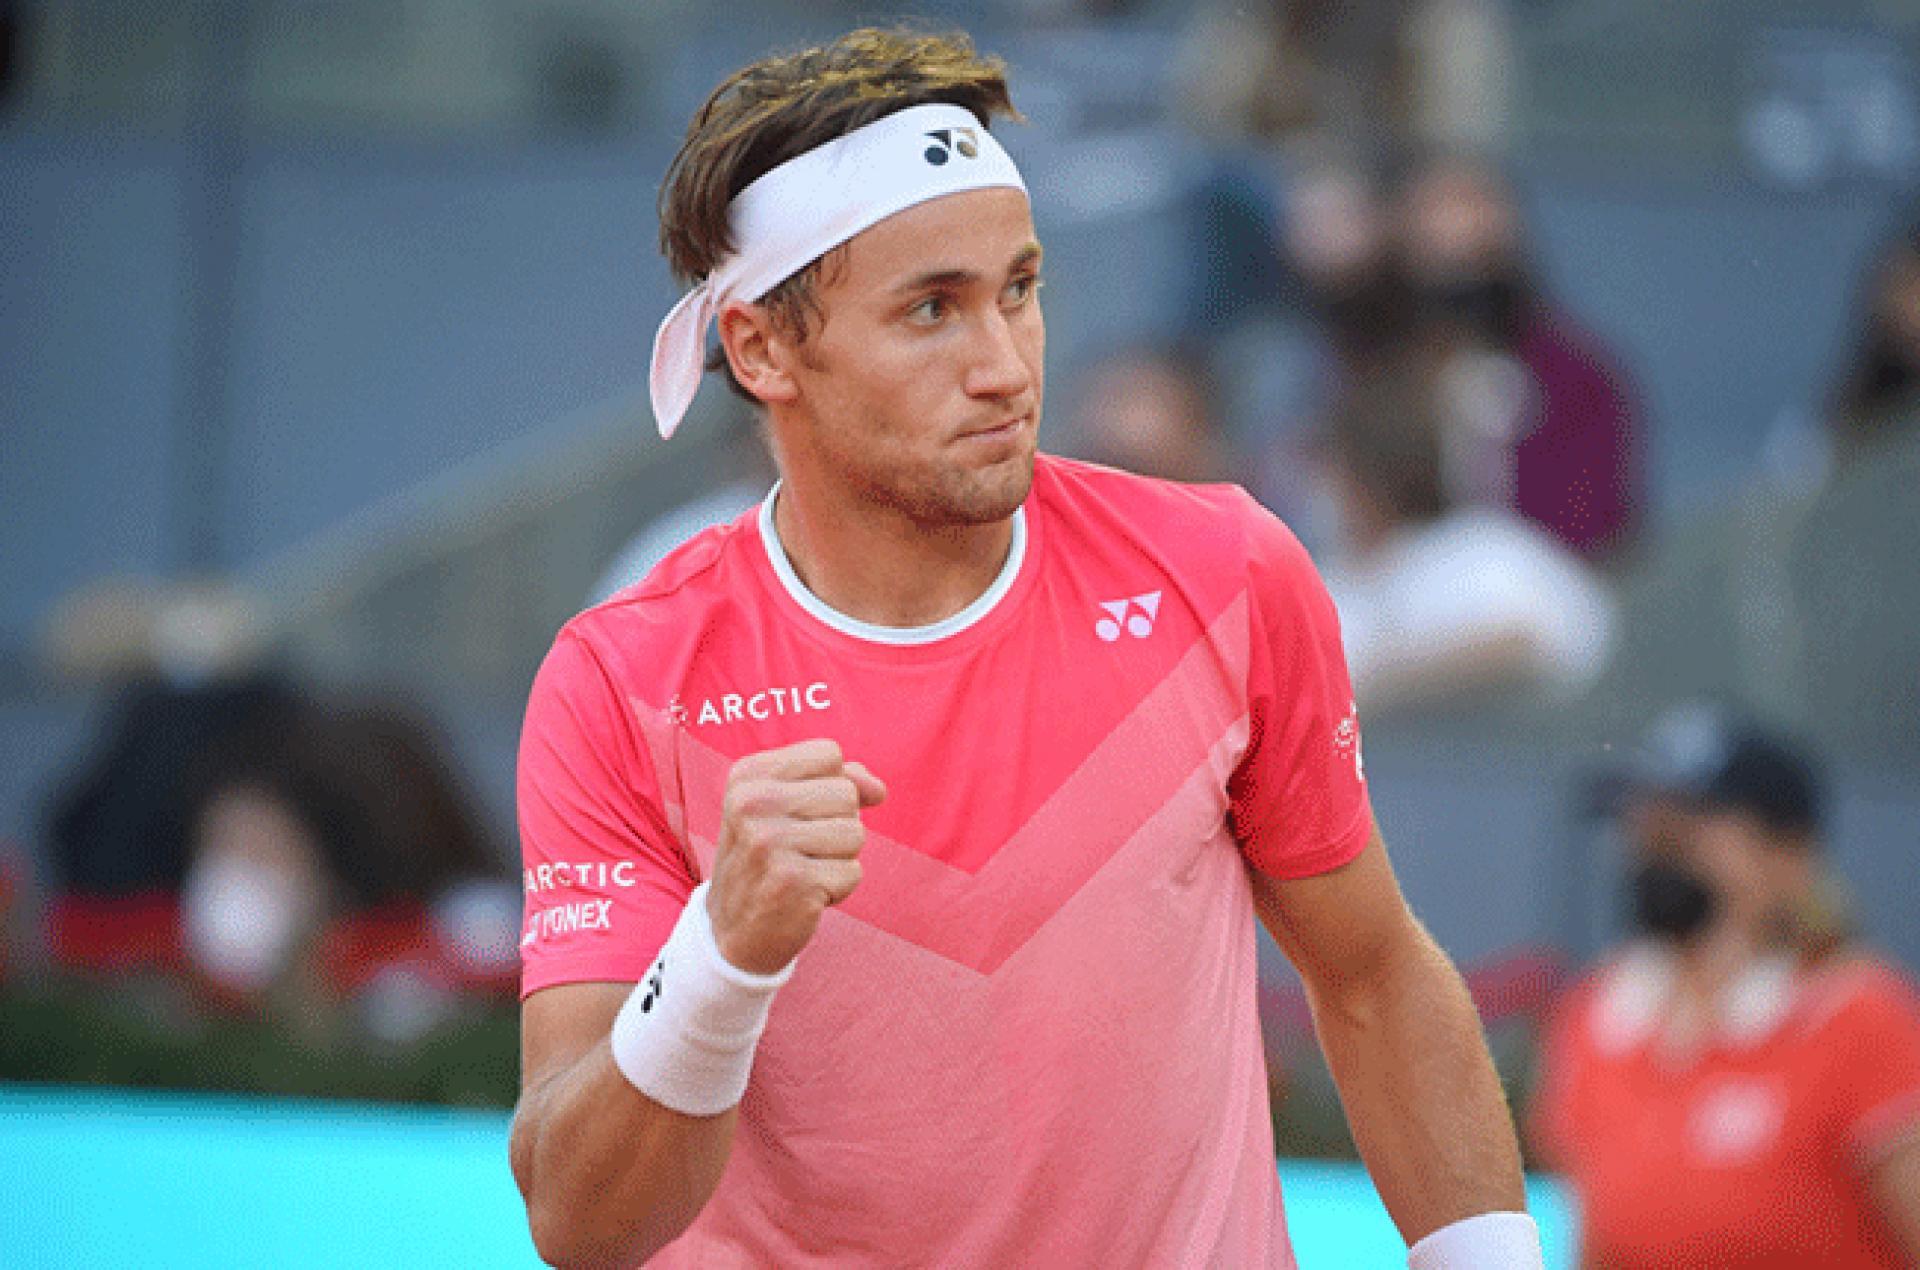 Gstaad Open 2021: Casper Ruud vs. Vit Kopriva Tennis Pick and Prediction